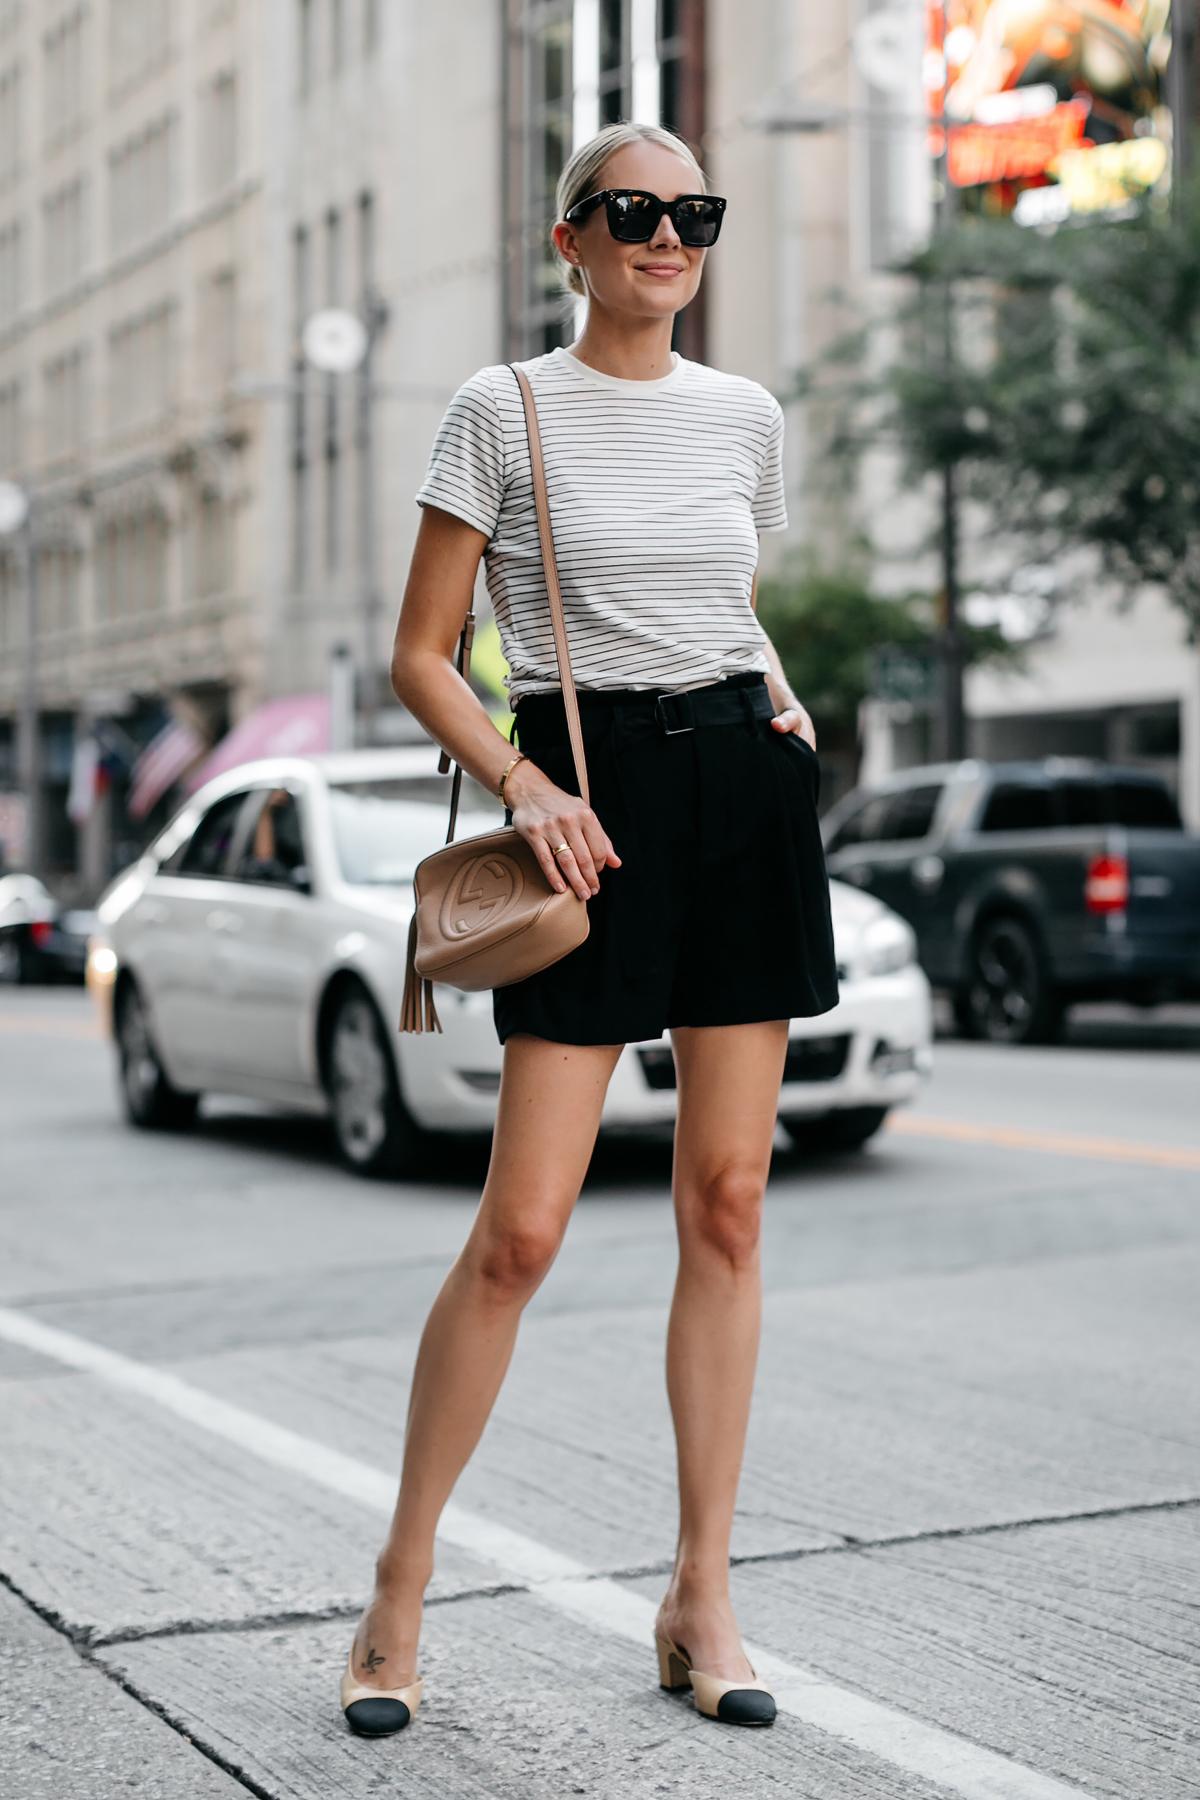 quần shorts nữ cạp cao đen thắt lưng fashion jackson